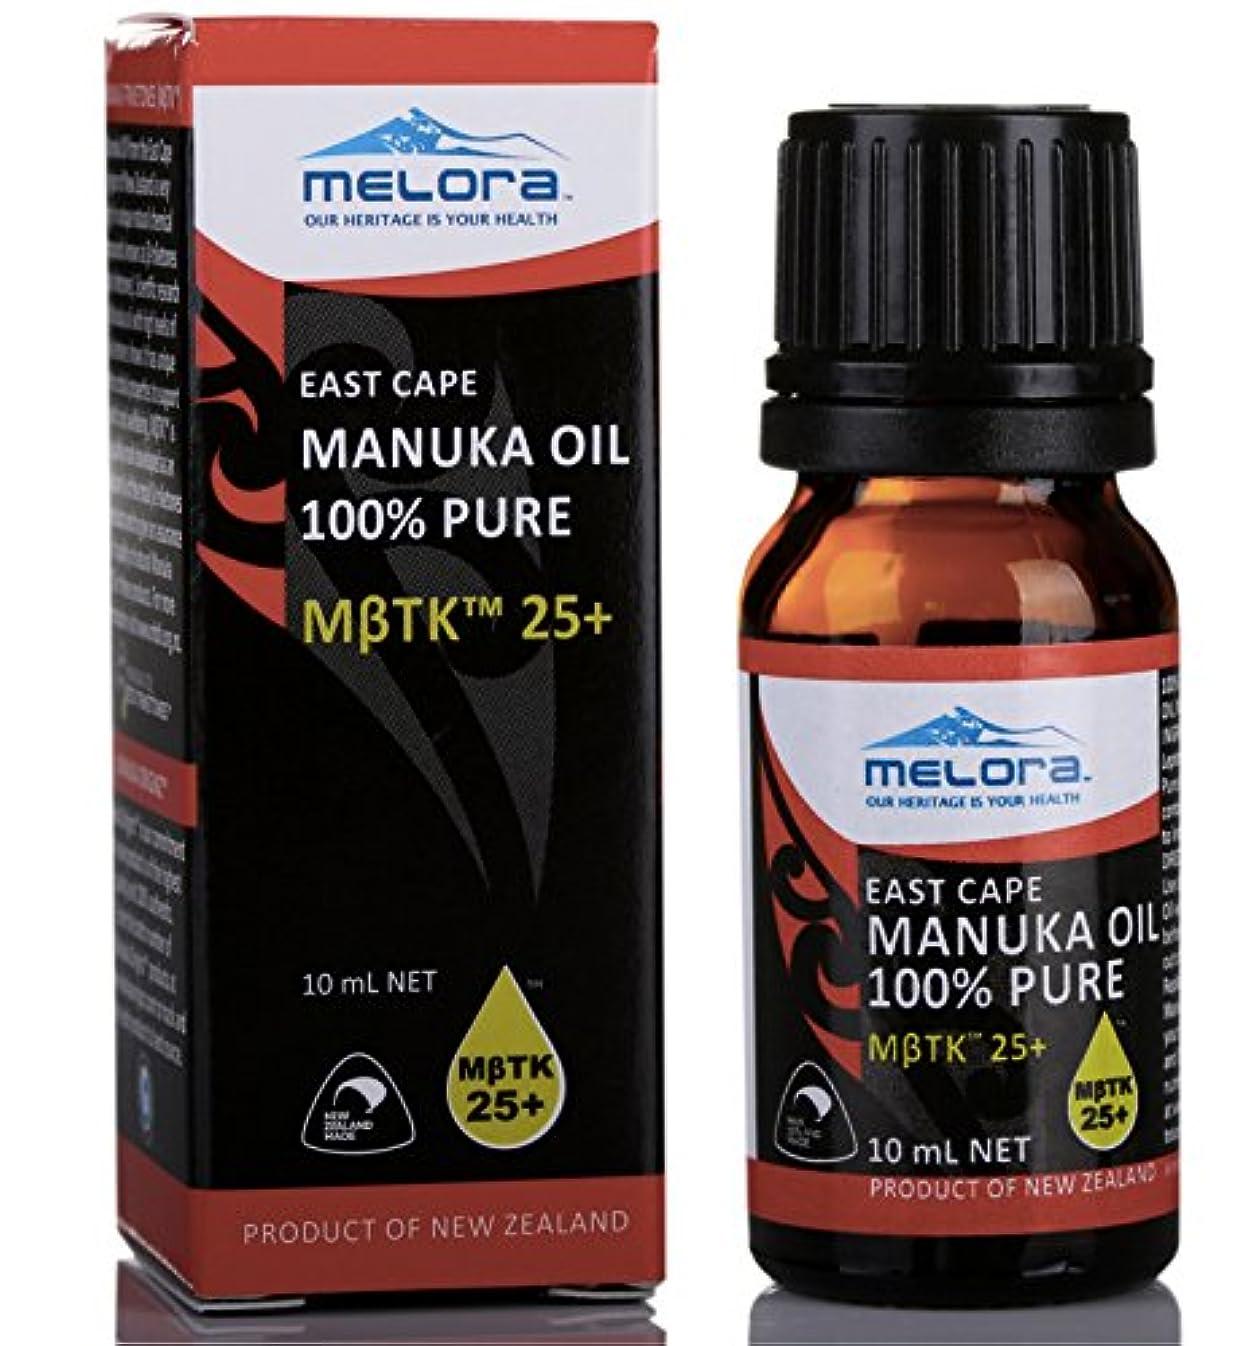 うそつき守銭奴レビューEAST CAPE MANUKA OIL 100%PURE MBTK 25+ 100%マヌカオイル(精油) 10ml